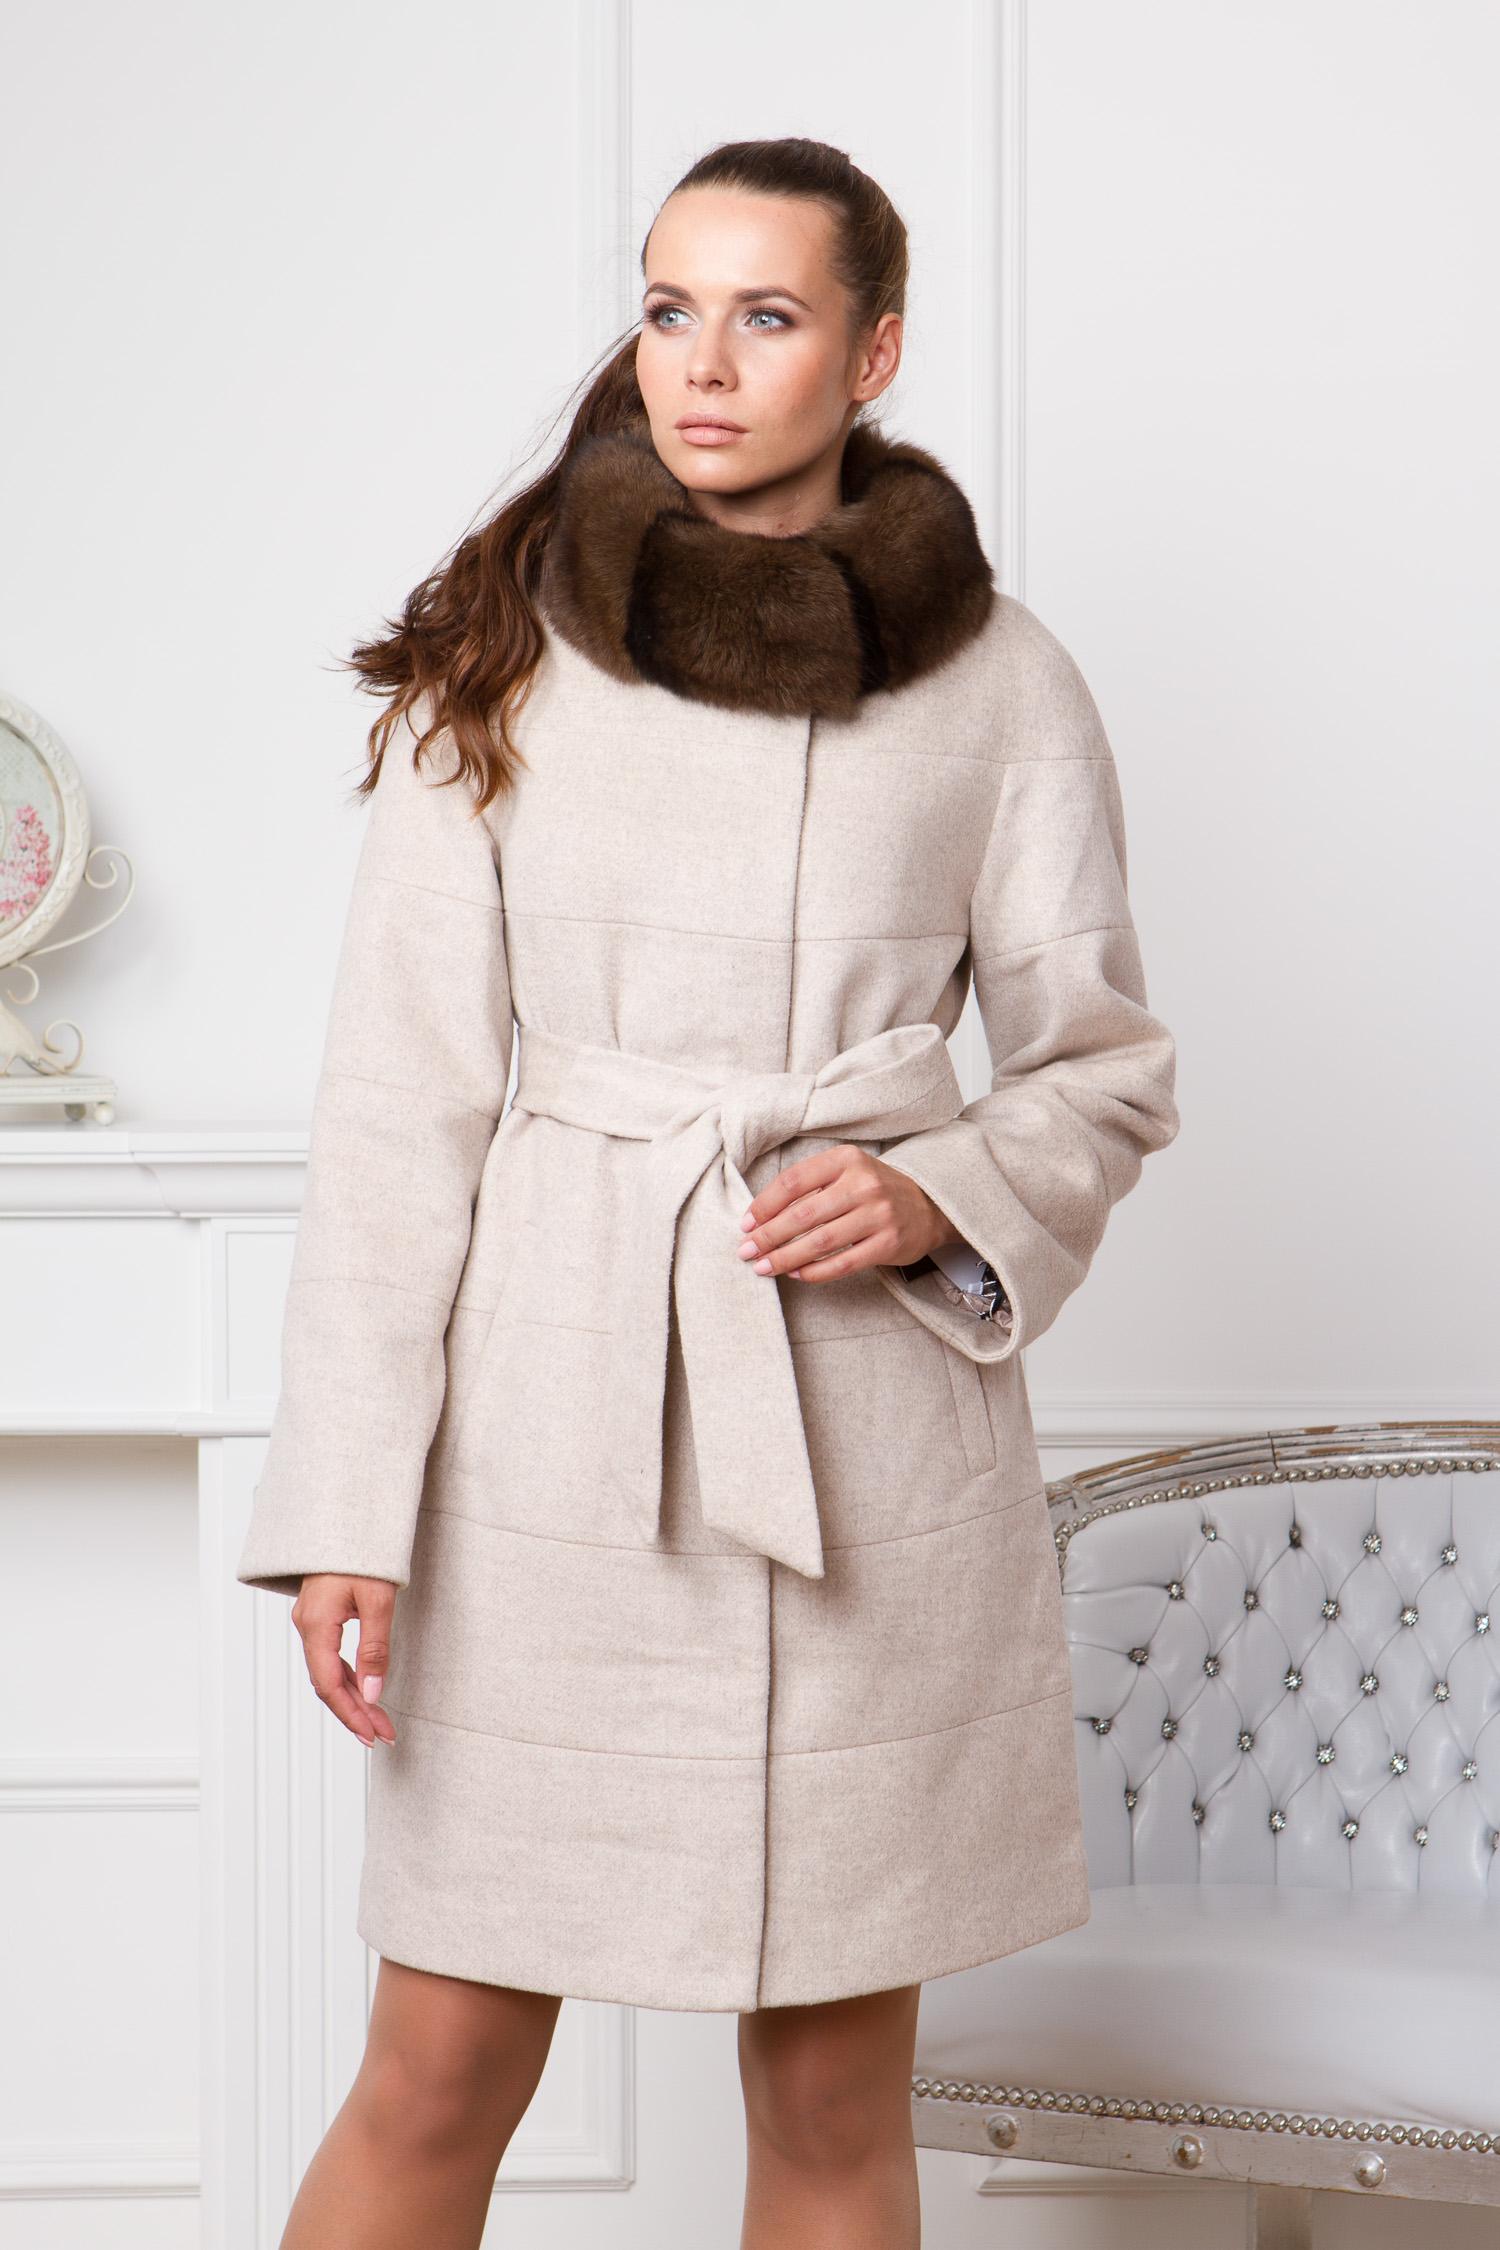 Женское пальто с воротником, отделка песец<br><br>Воротник: стойка<br>Длина см: Длинная (свыше 90)<br>Материал: Текстиль<br>Цвет: бежевый<br>Вид застежки: потайная<br>Застежка: на молнии<br>Пол: Женский<br>Размер RU: 60